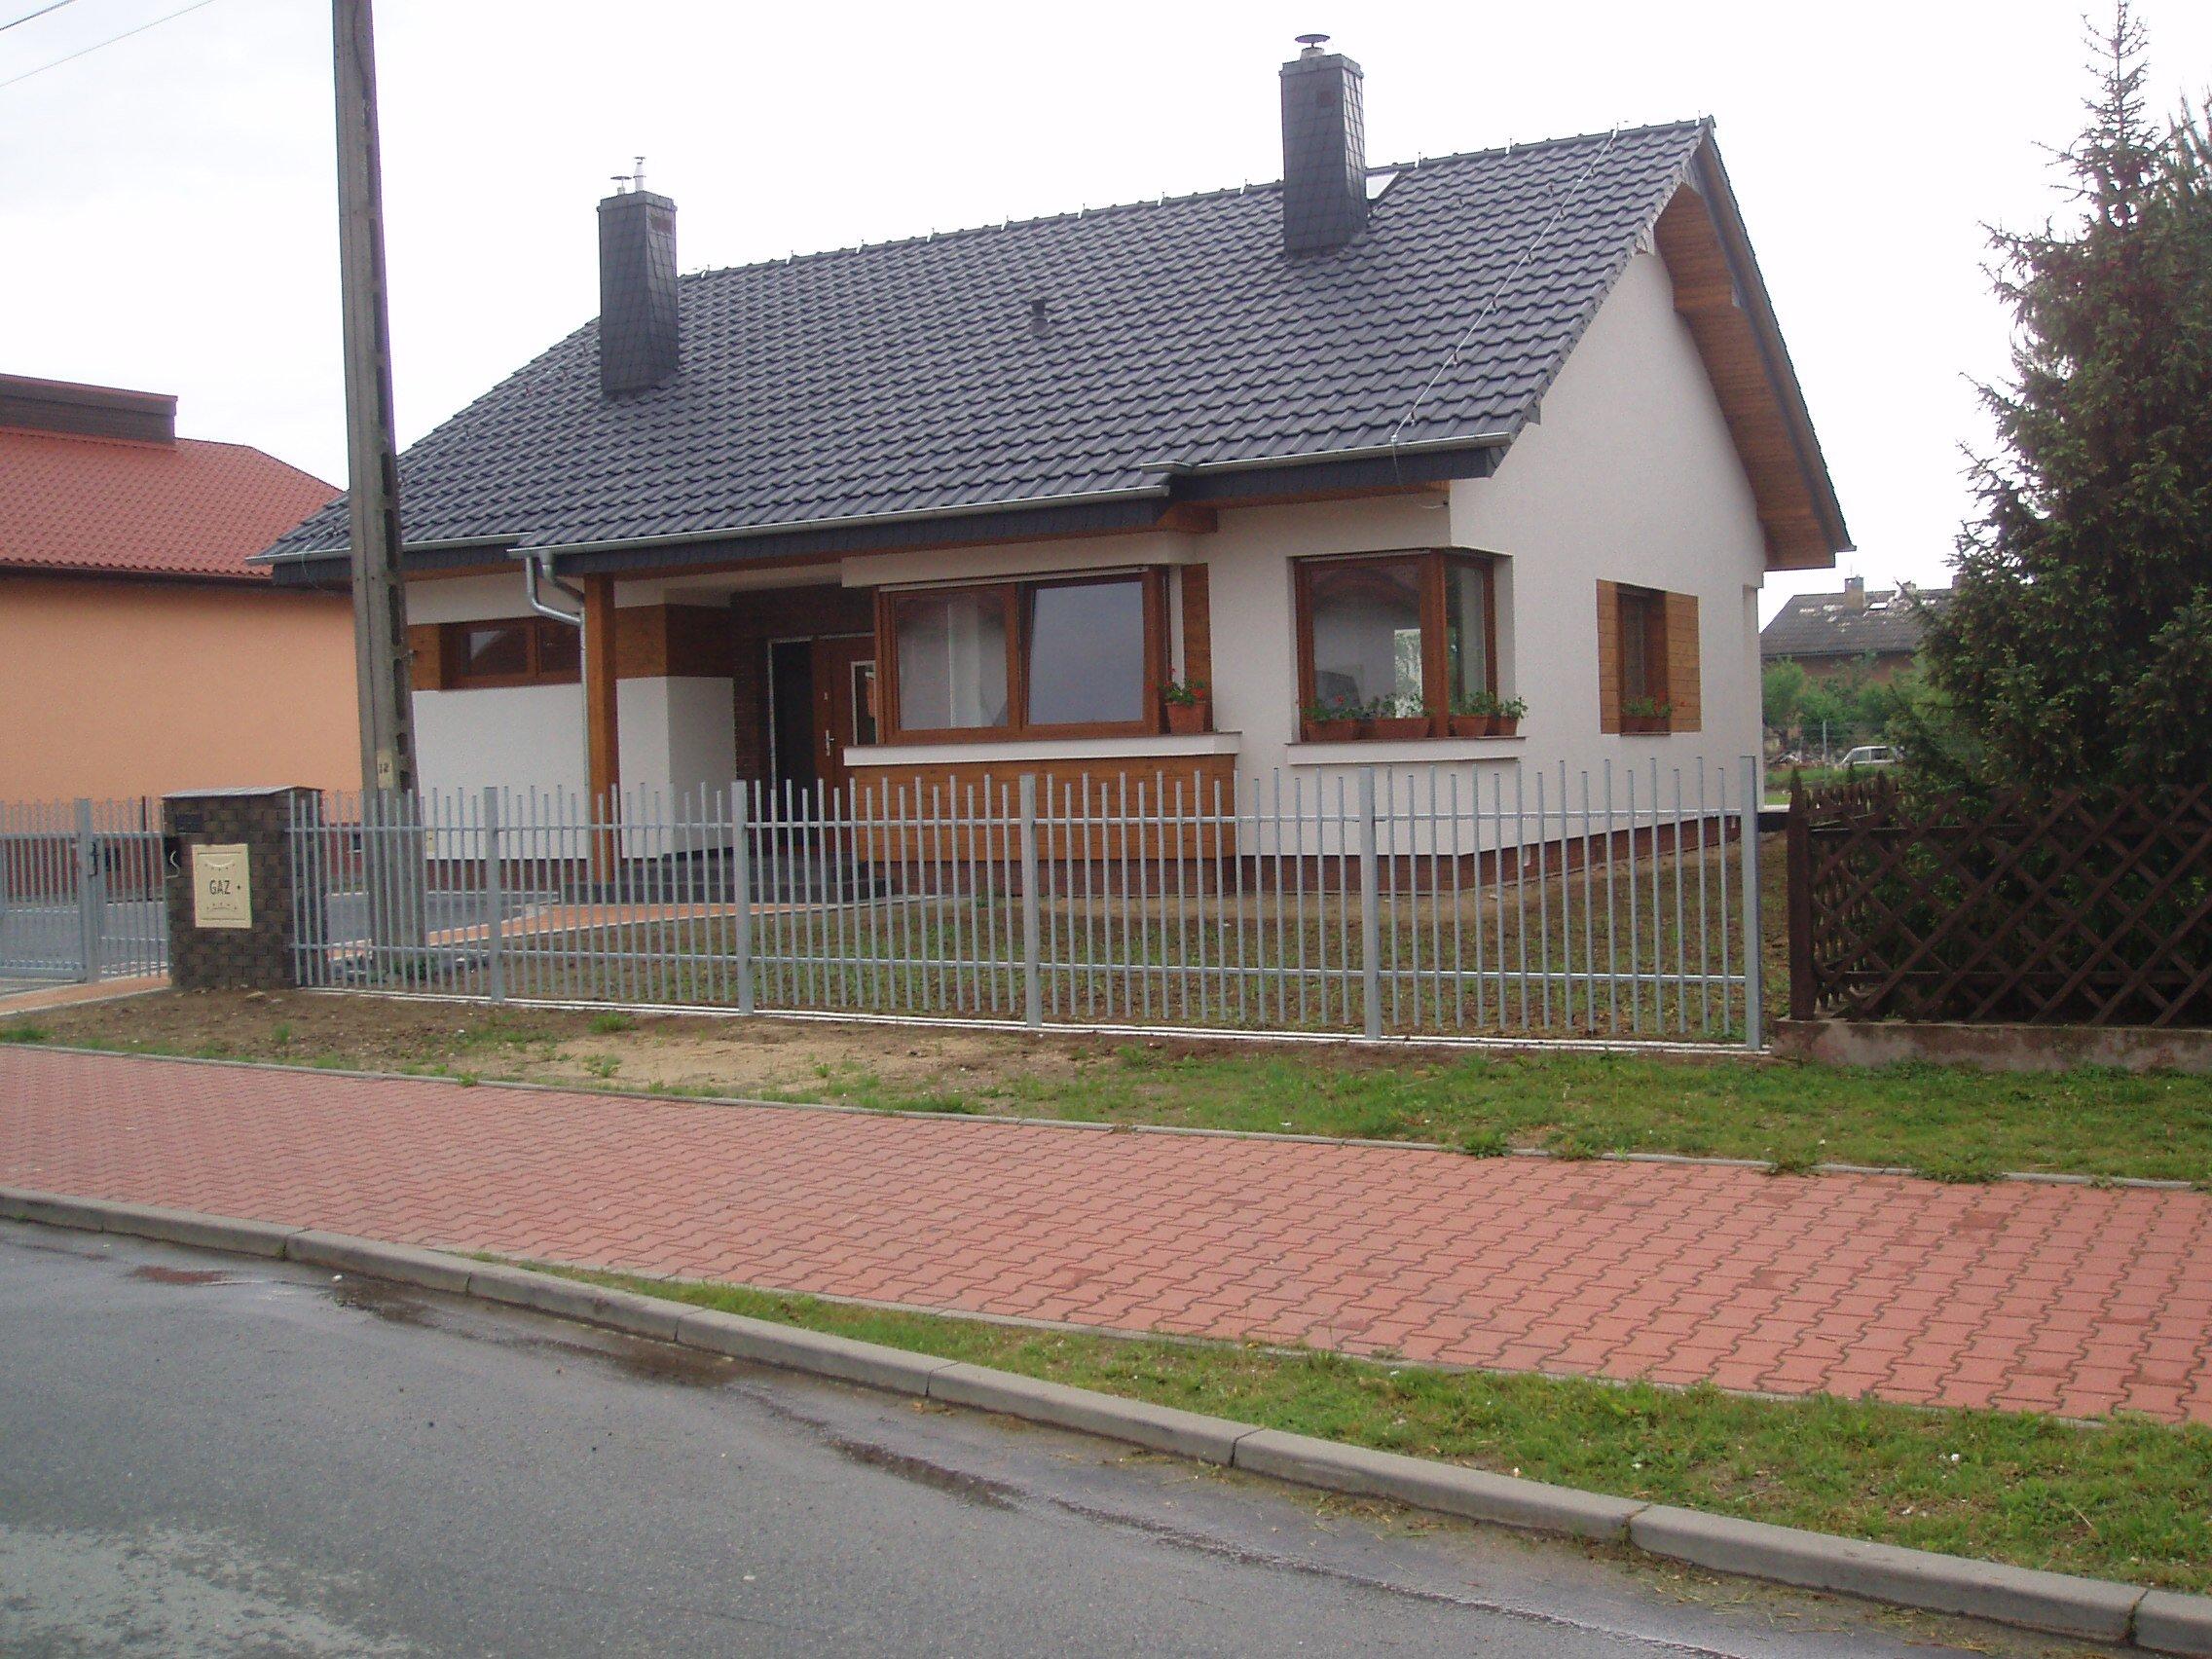 krzysztof-krasinski-133714910562.jpg